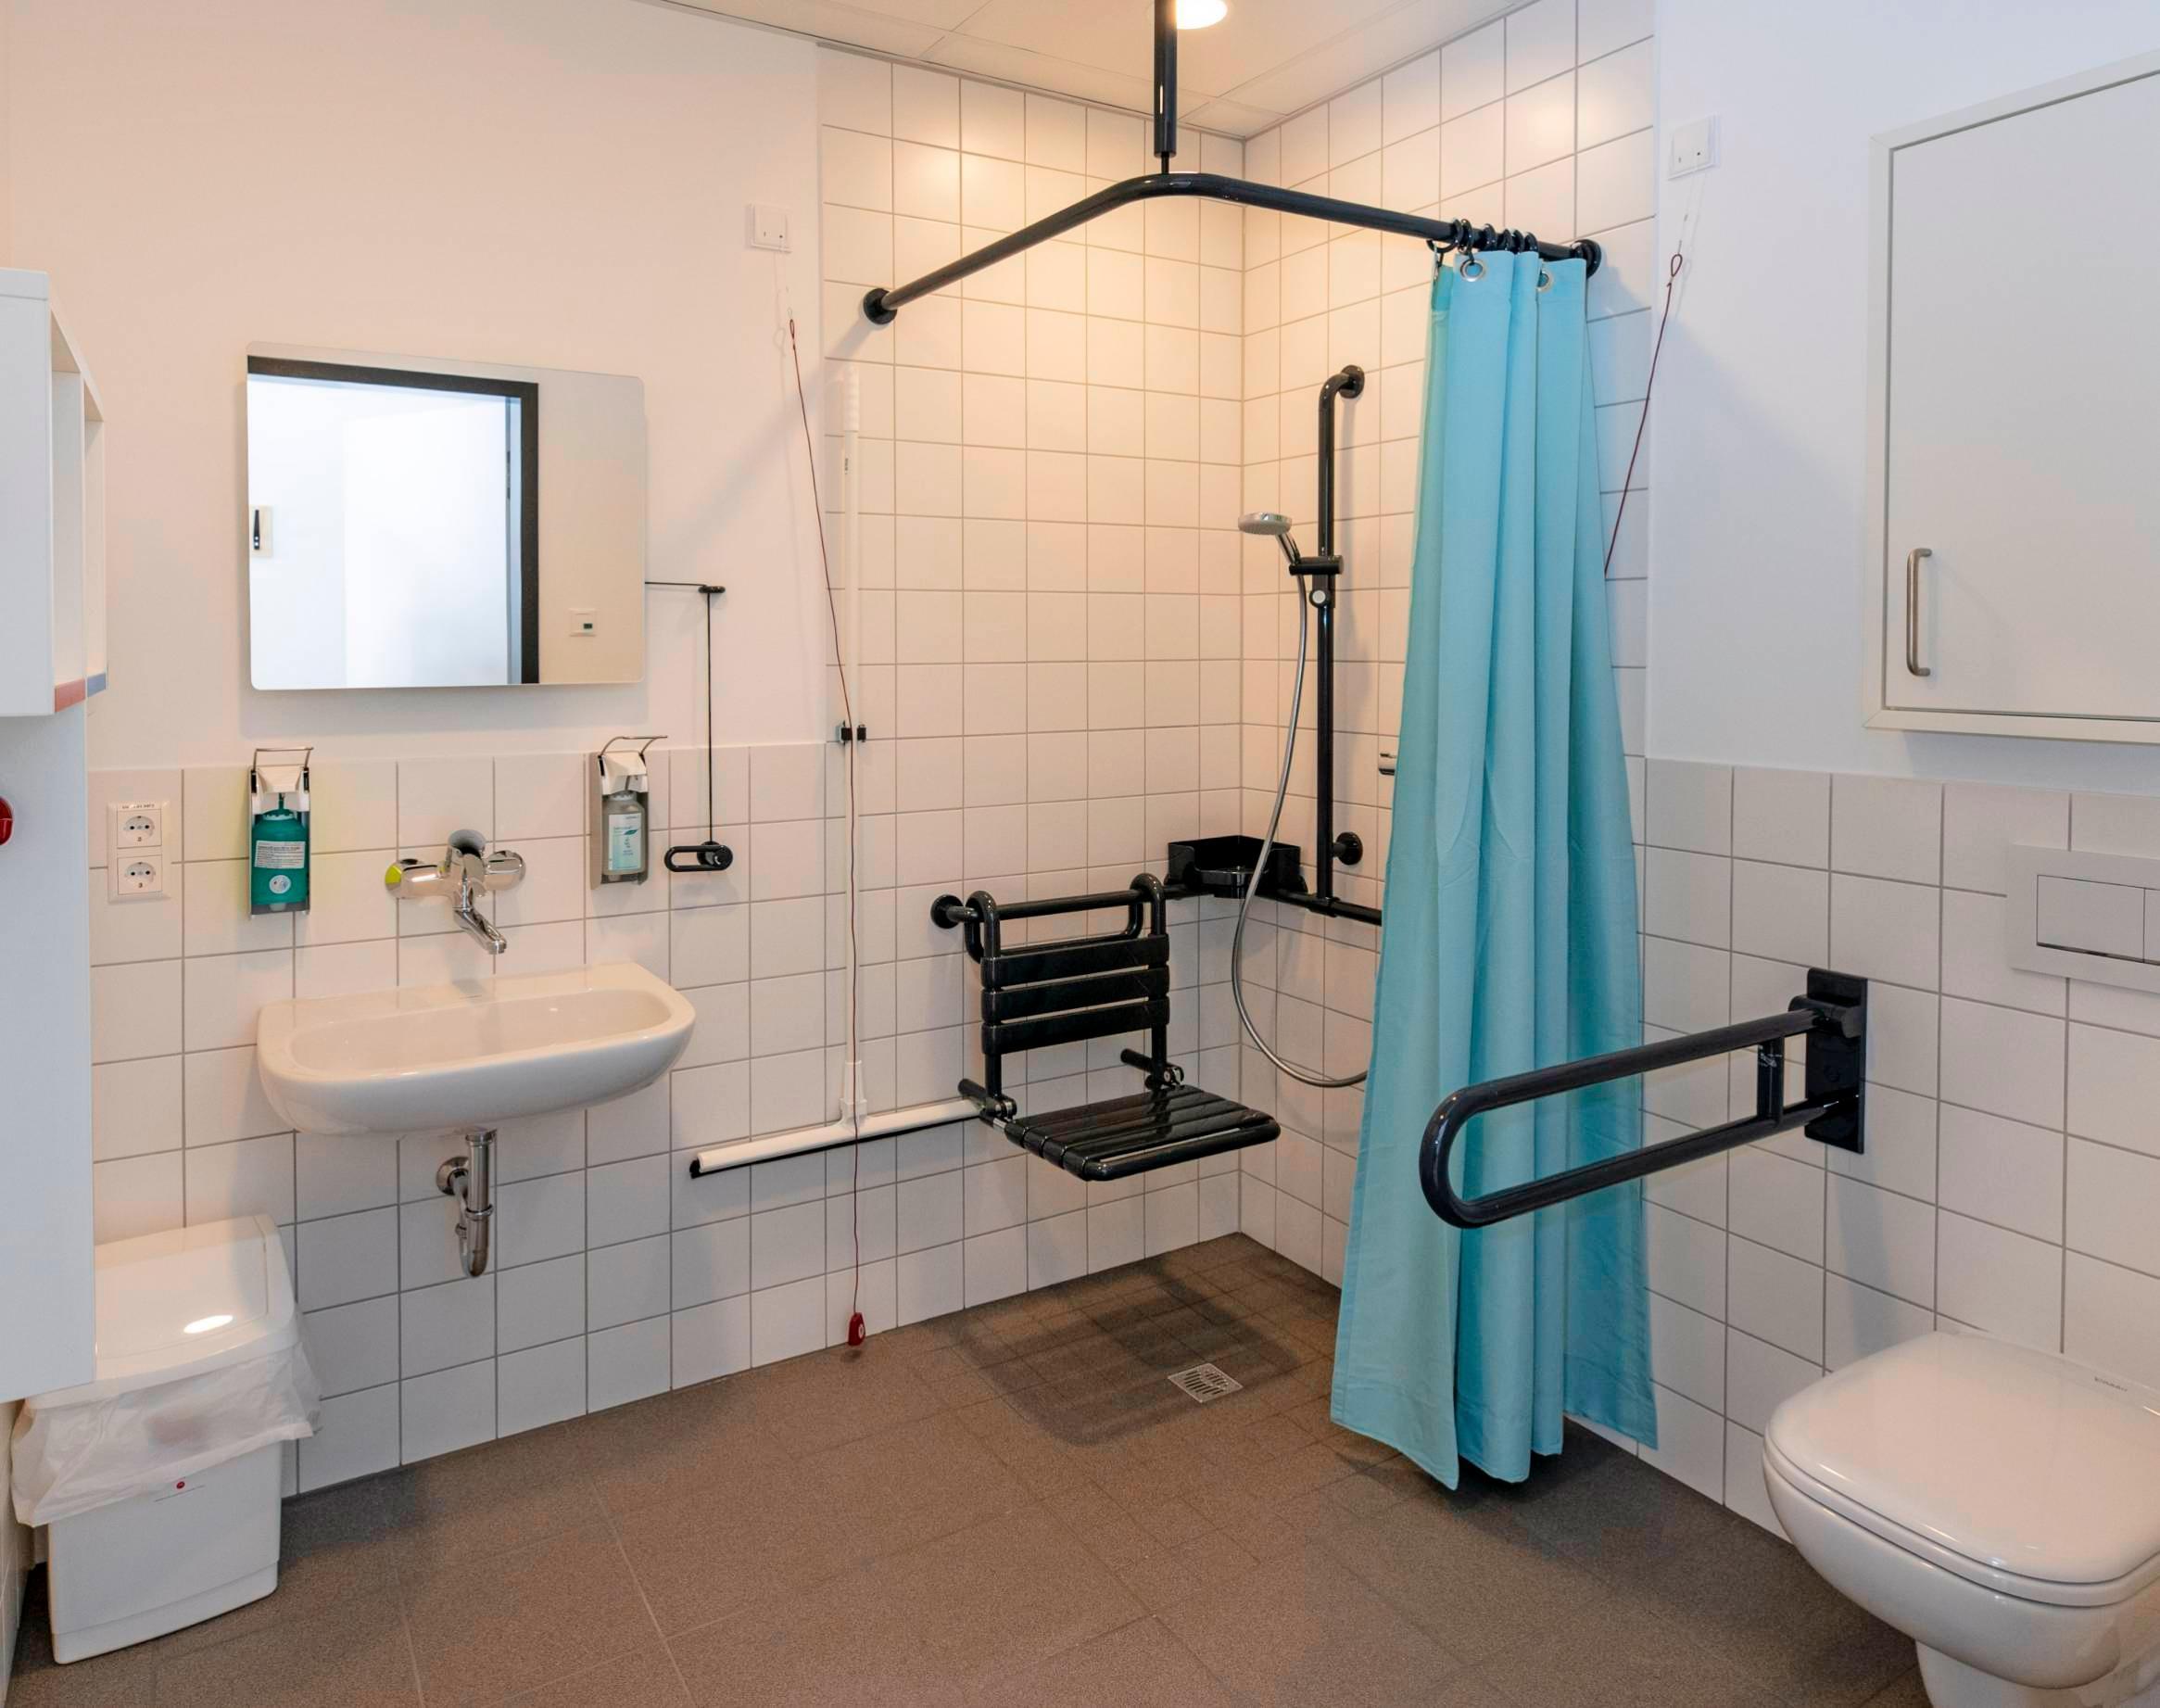 Jedes Patientenzimmer in der Geriatrischen Rehaklinik verfügt über ein eigenes Bad mit barrierefreier Dusche, unterfahrbarem Waschbecken und Toilette.